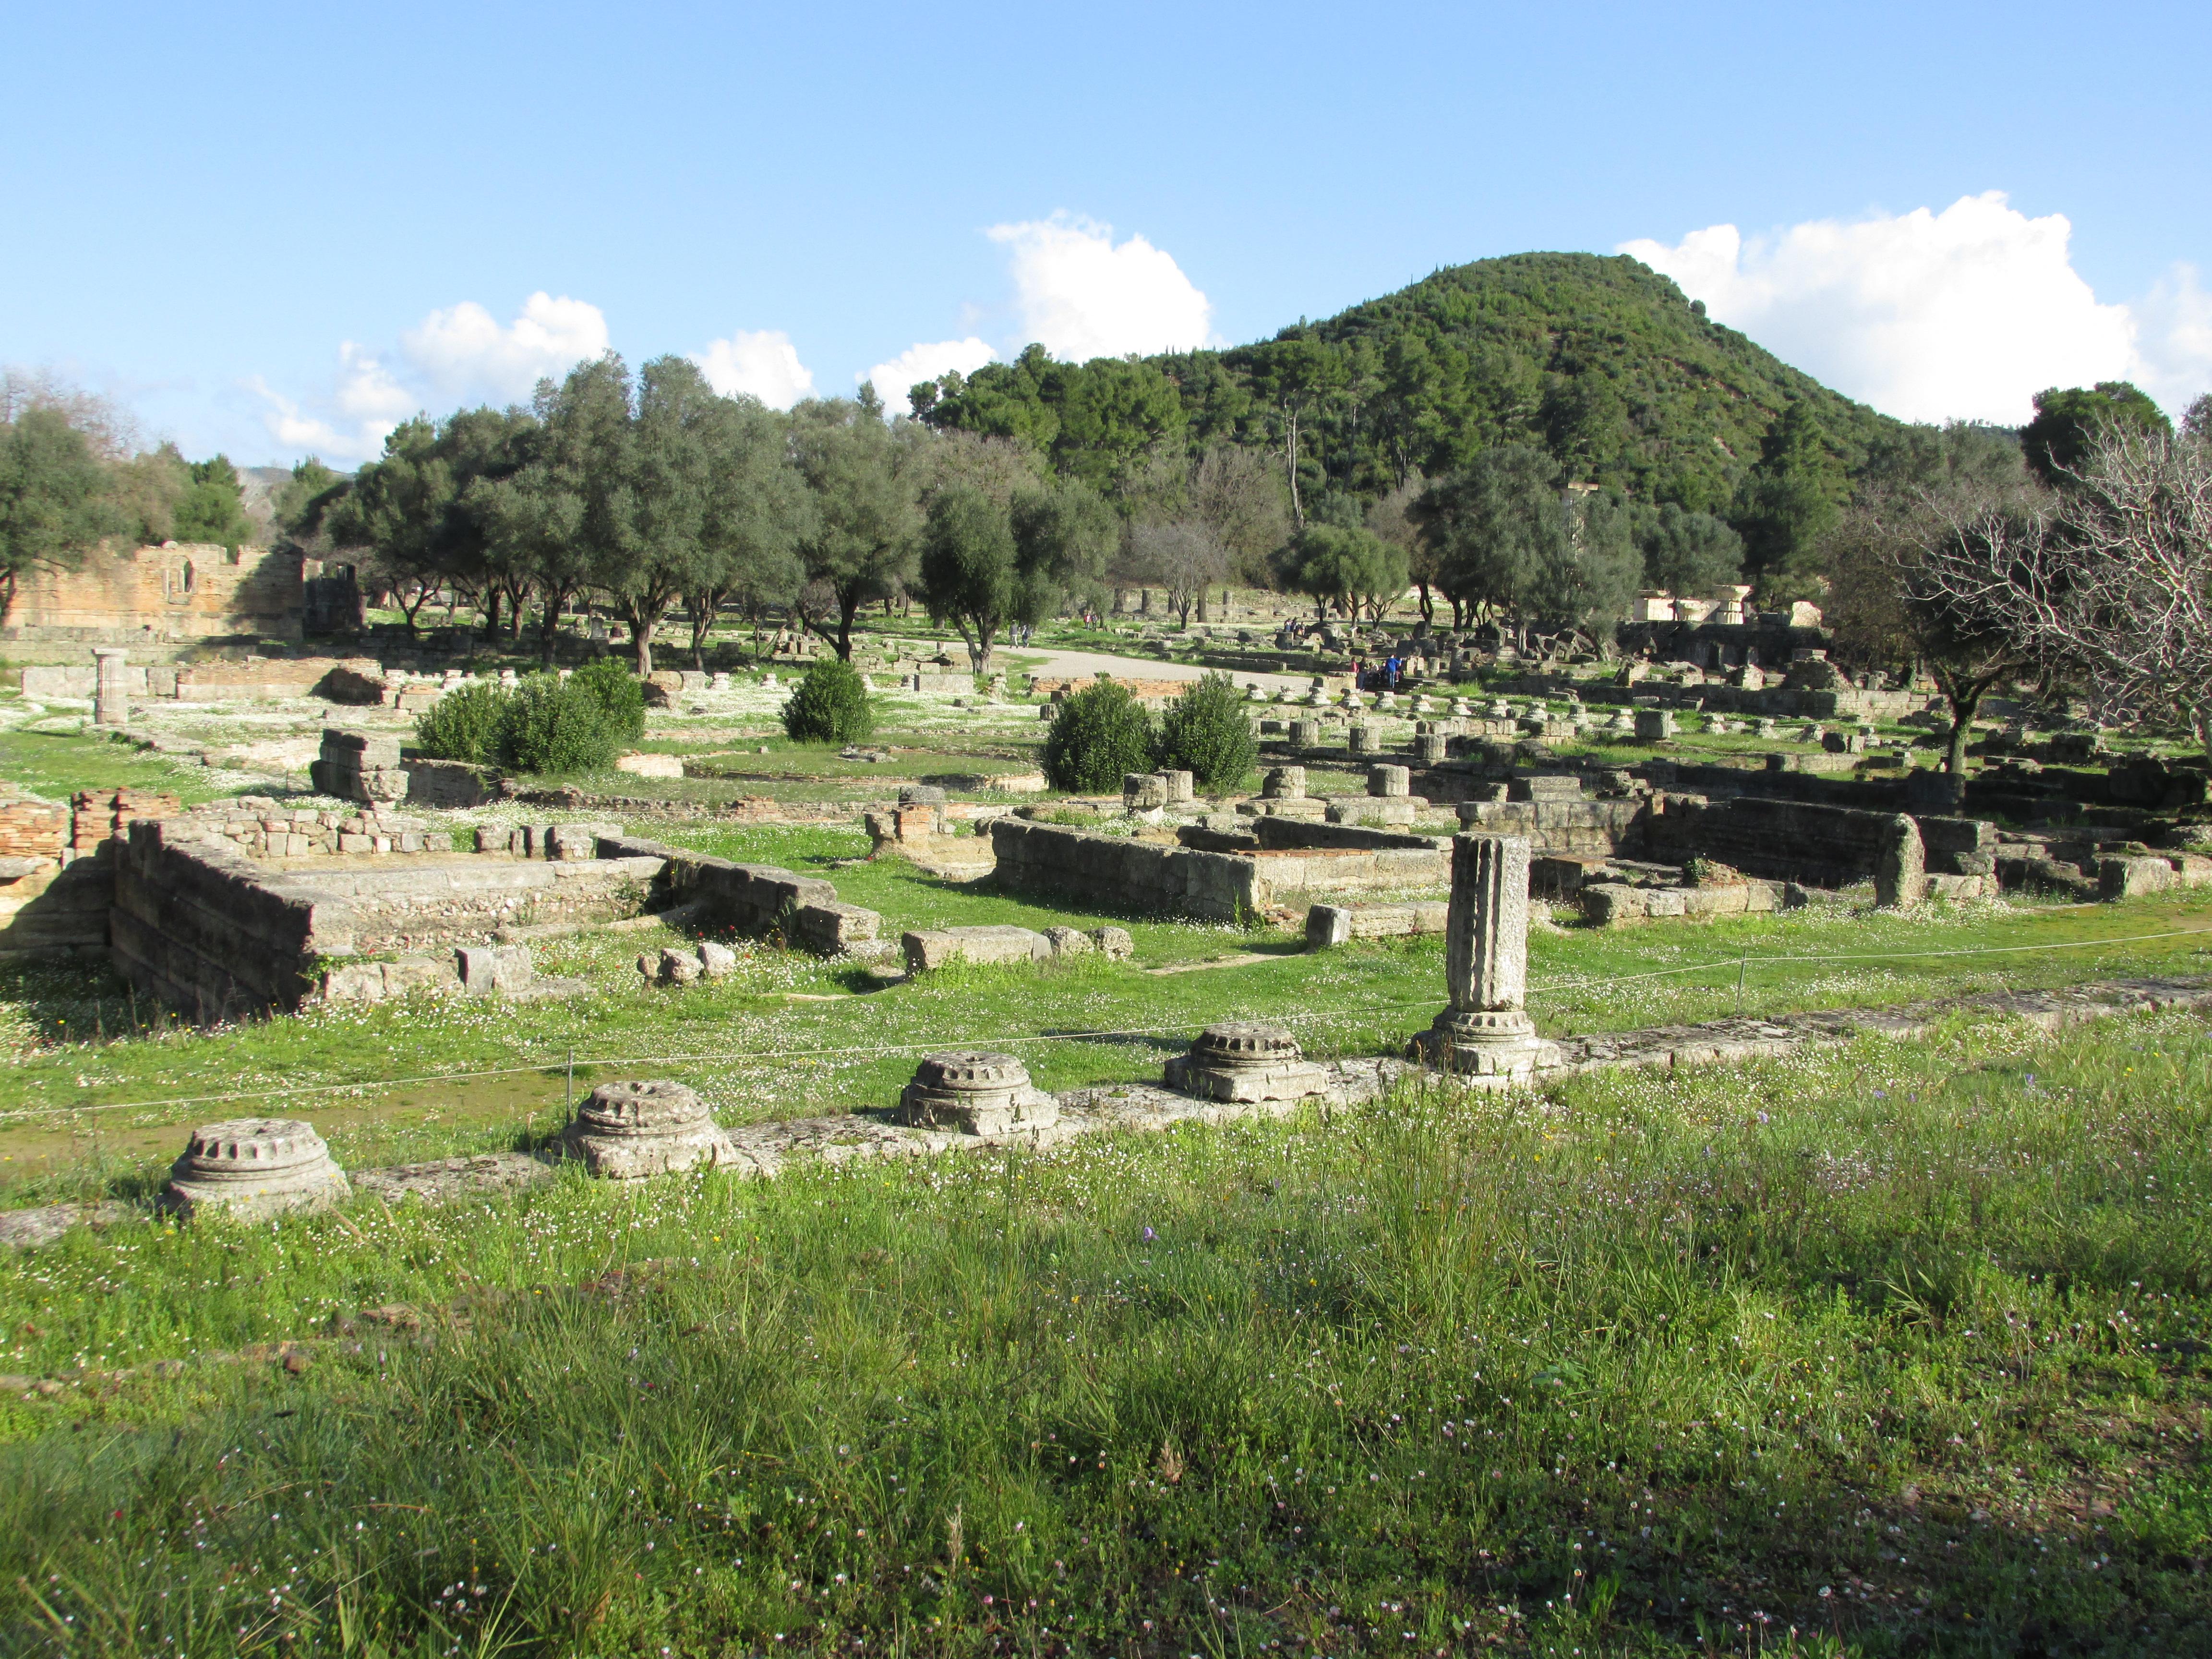 ギリシャ旅行(古代は神話と民主制国家の源、今は財政破綻のみ強調される国)で考えた事